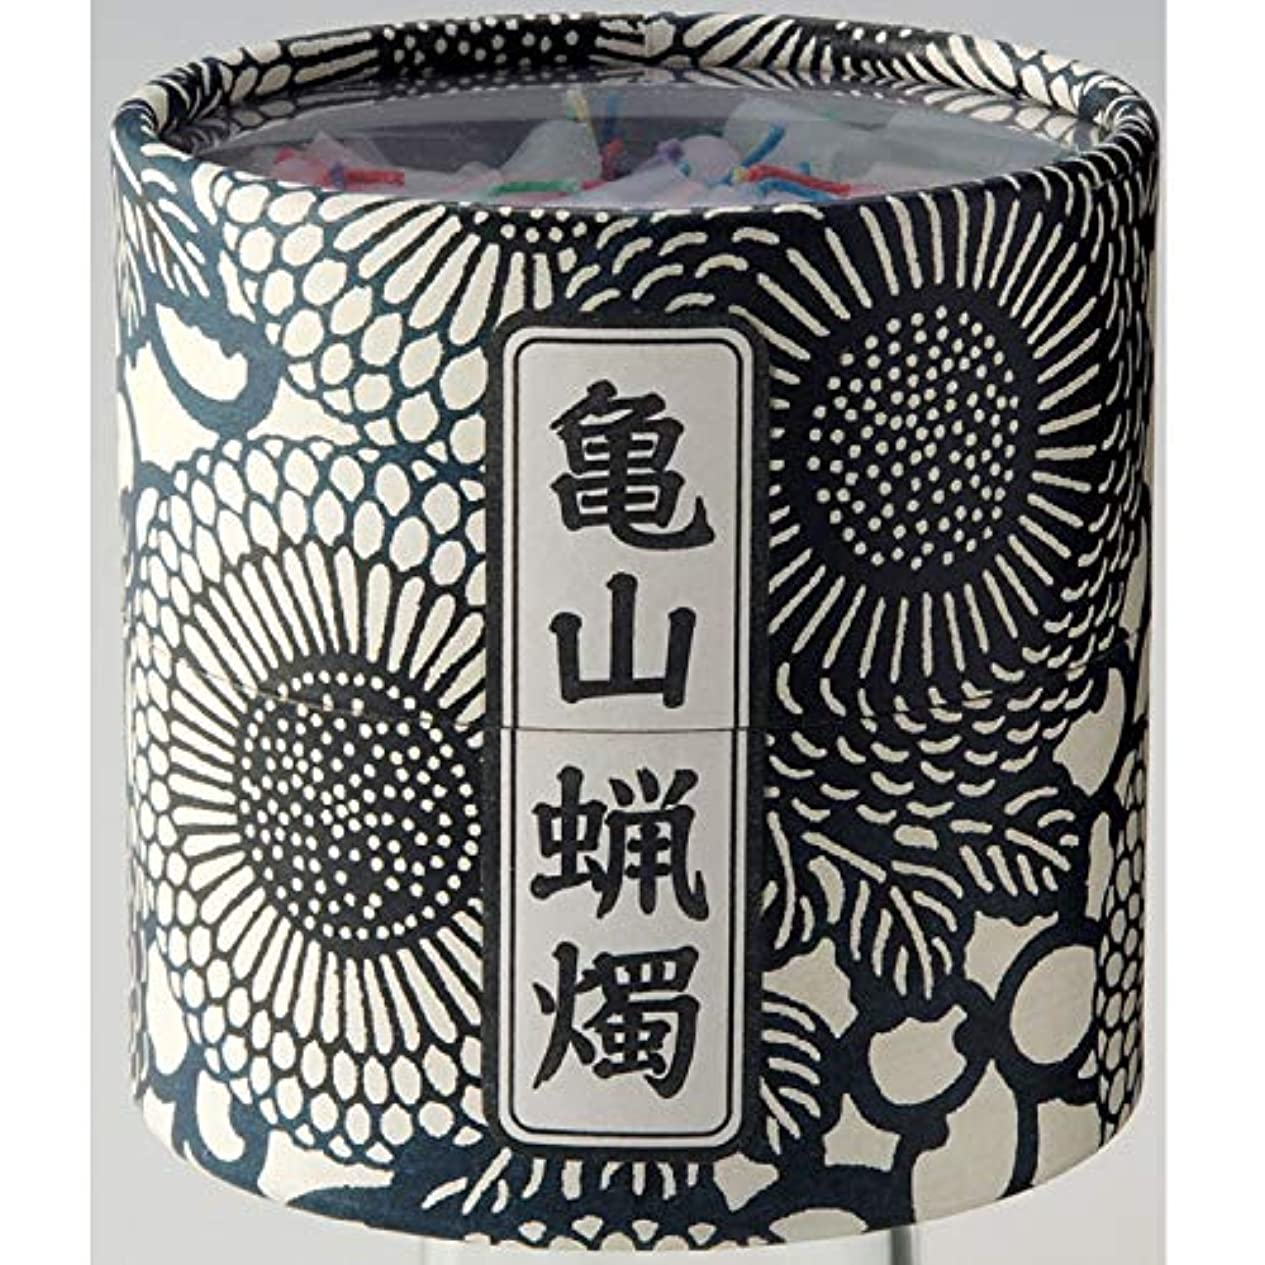 シプリー移民石鹸亀山五色蝋燭(ローソク)約300本入り